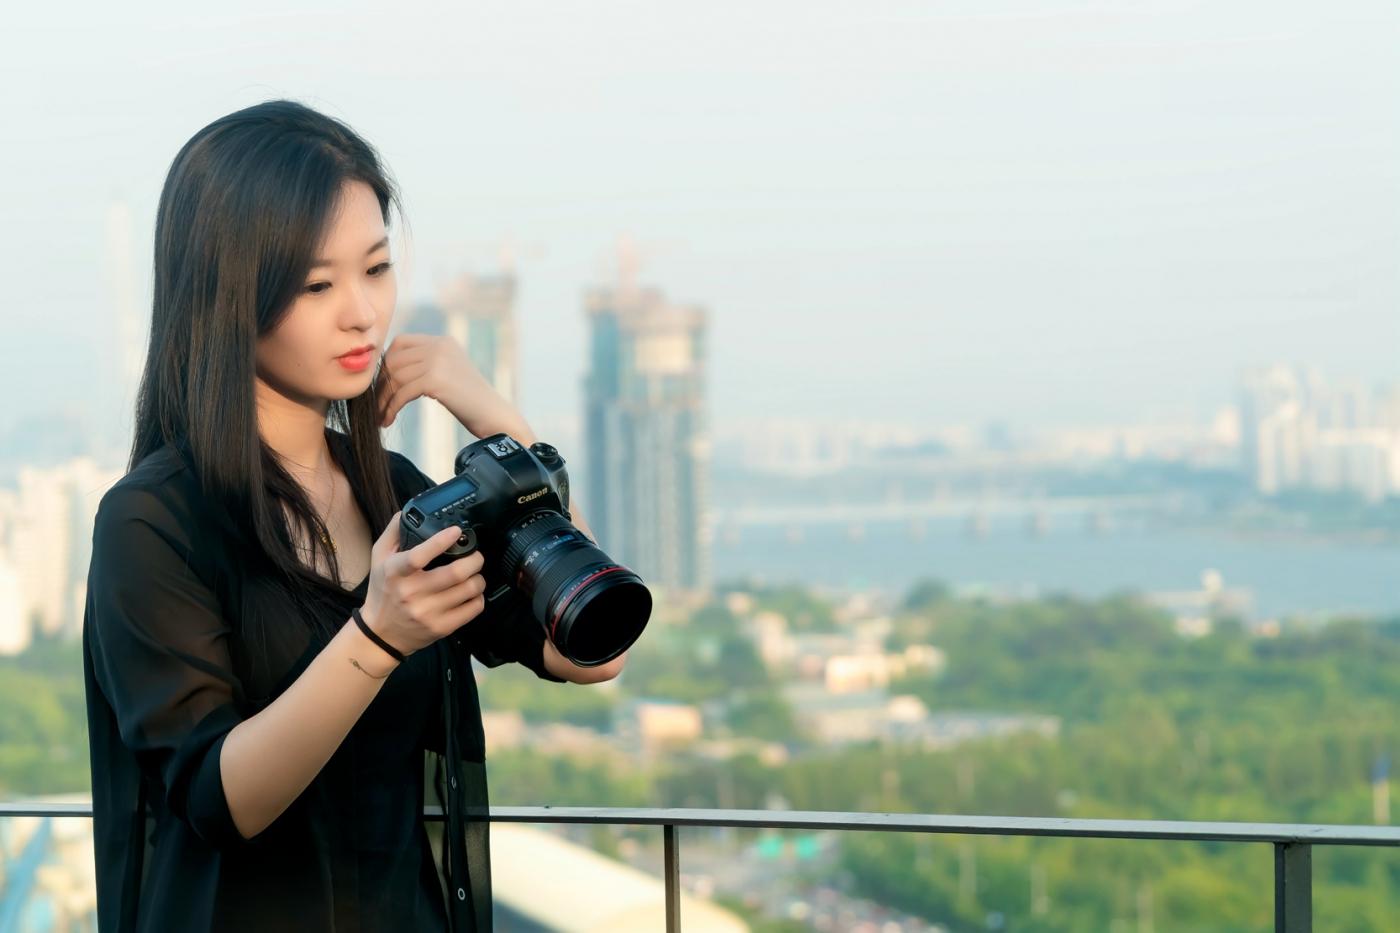 我所见过的最漂亮的女摄影师 姑娘的摄影是舞蹈老师教的吧_图1-14